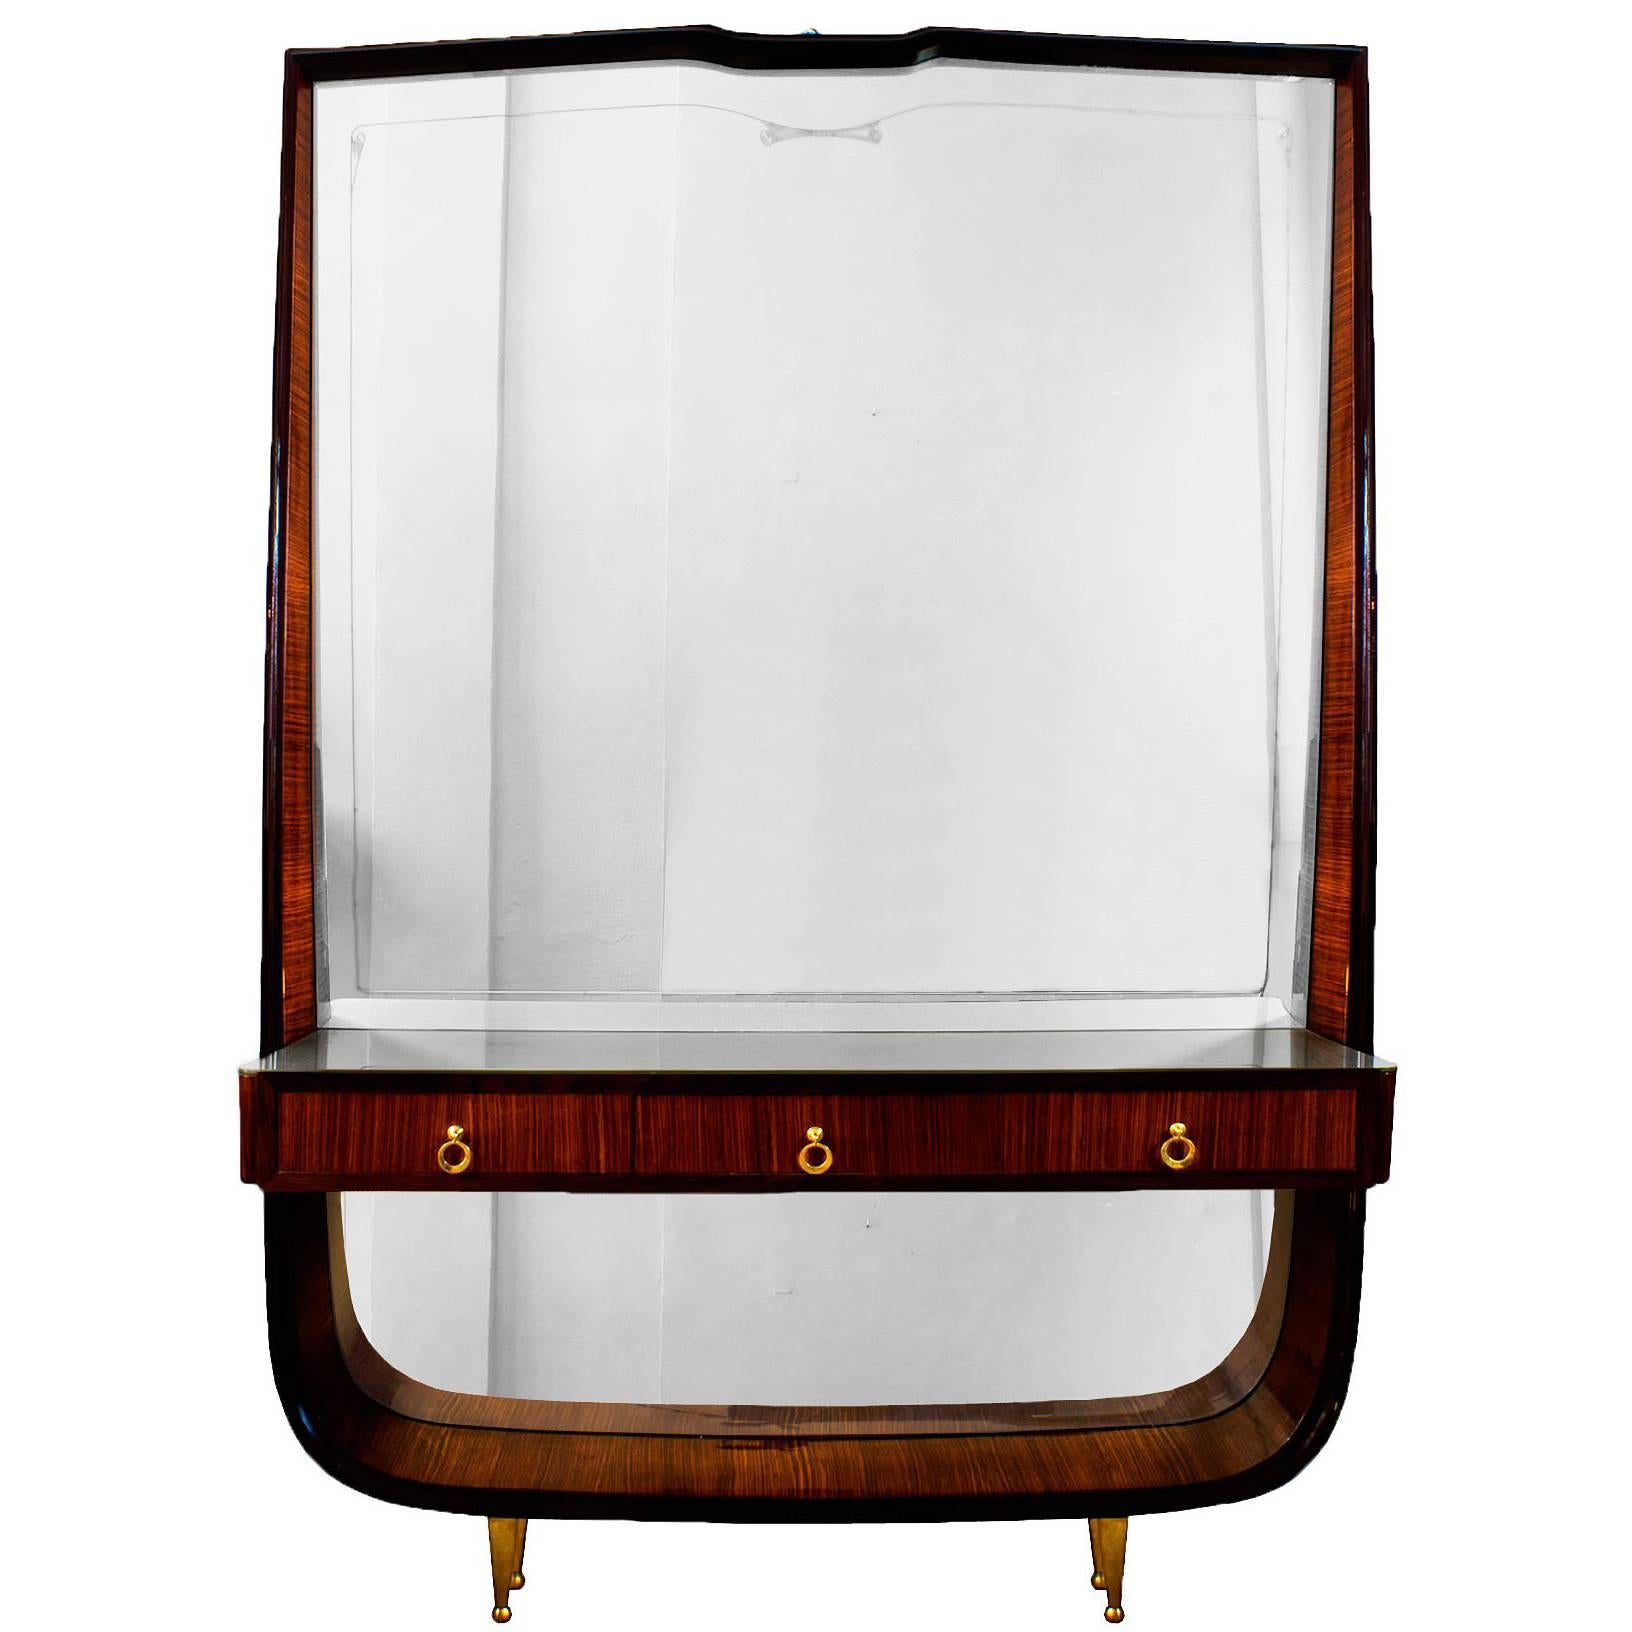 1940s Entrance Console Mirror, Mahogany, Brass, Three Drawers, Italy